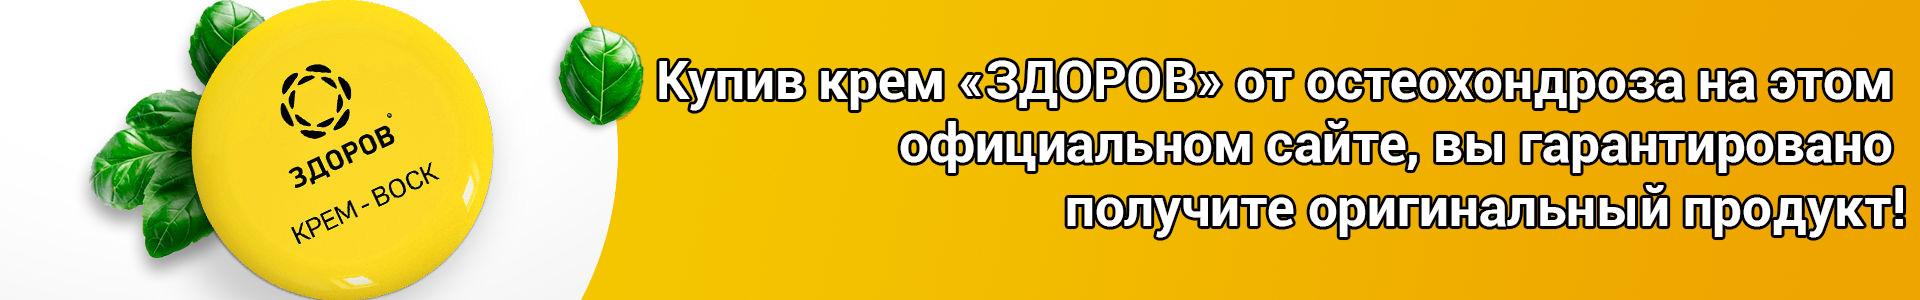 """Заказ крема """"Здоров"""" от остеохондроза на официальном сайте"""